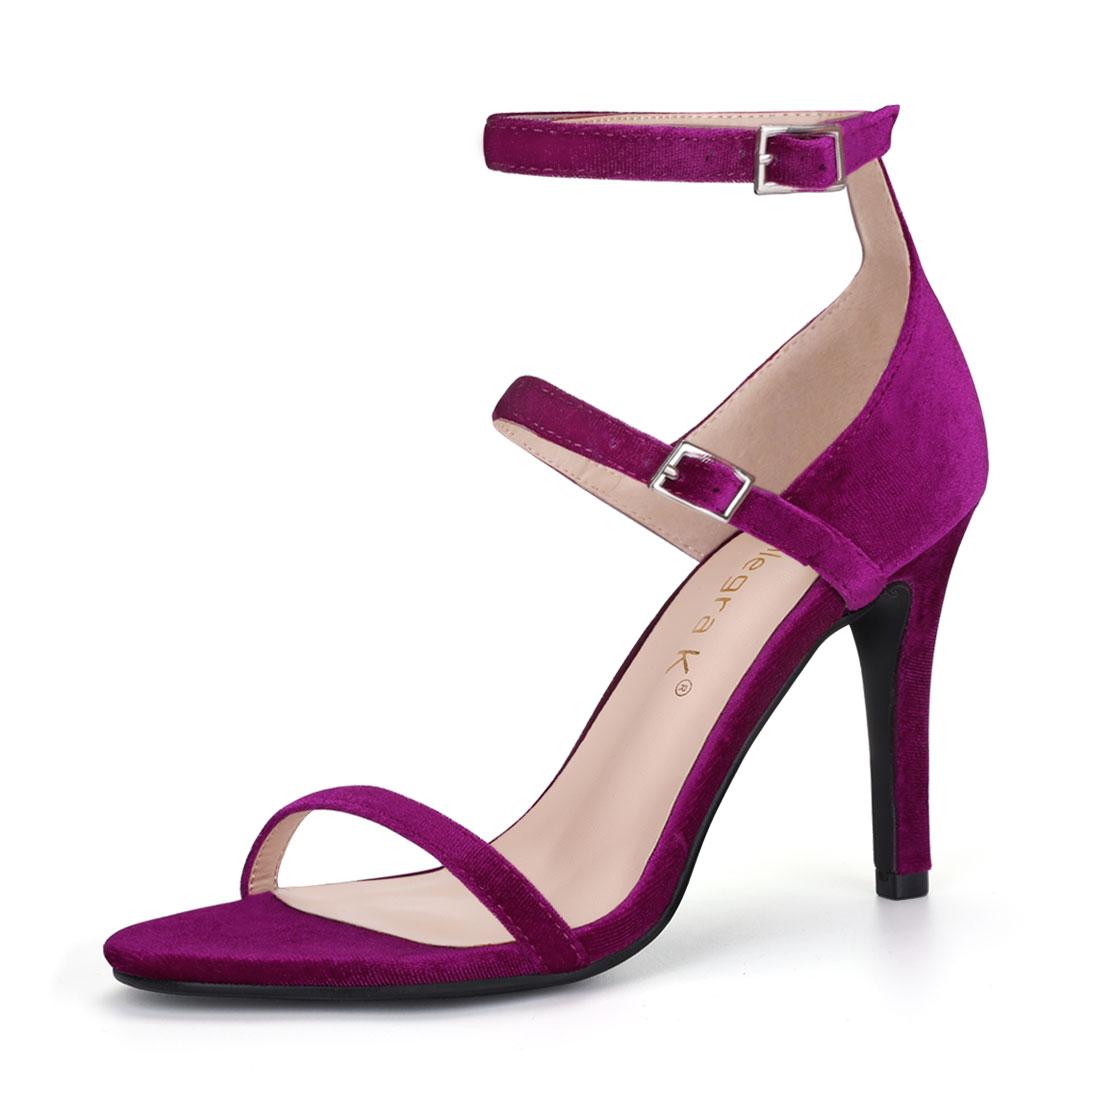 Women Open Toe Double Ankle Strap Stiletto Heel Sandals Purple US 8